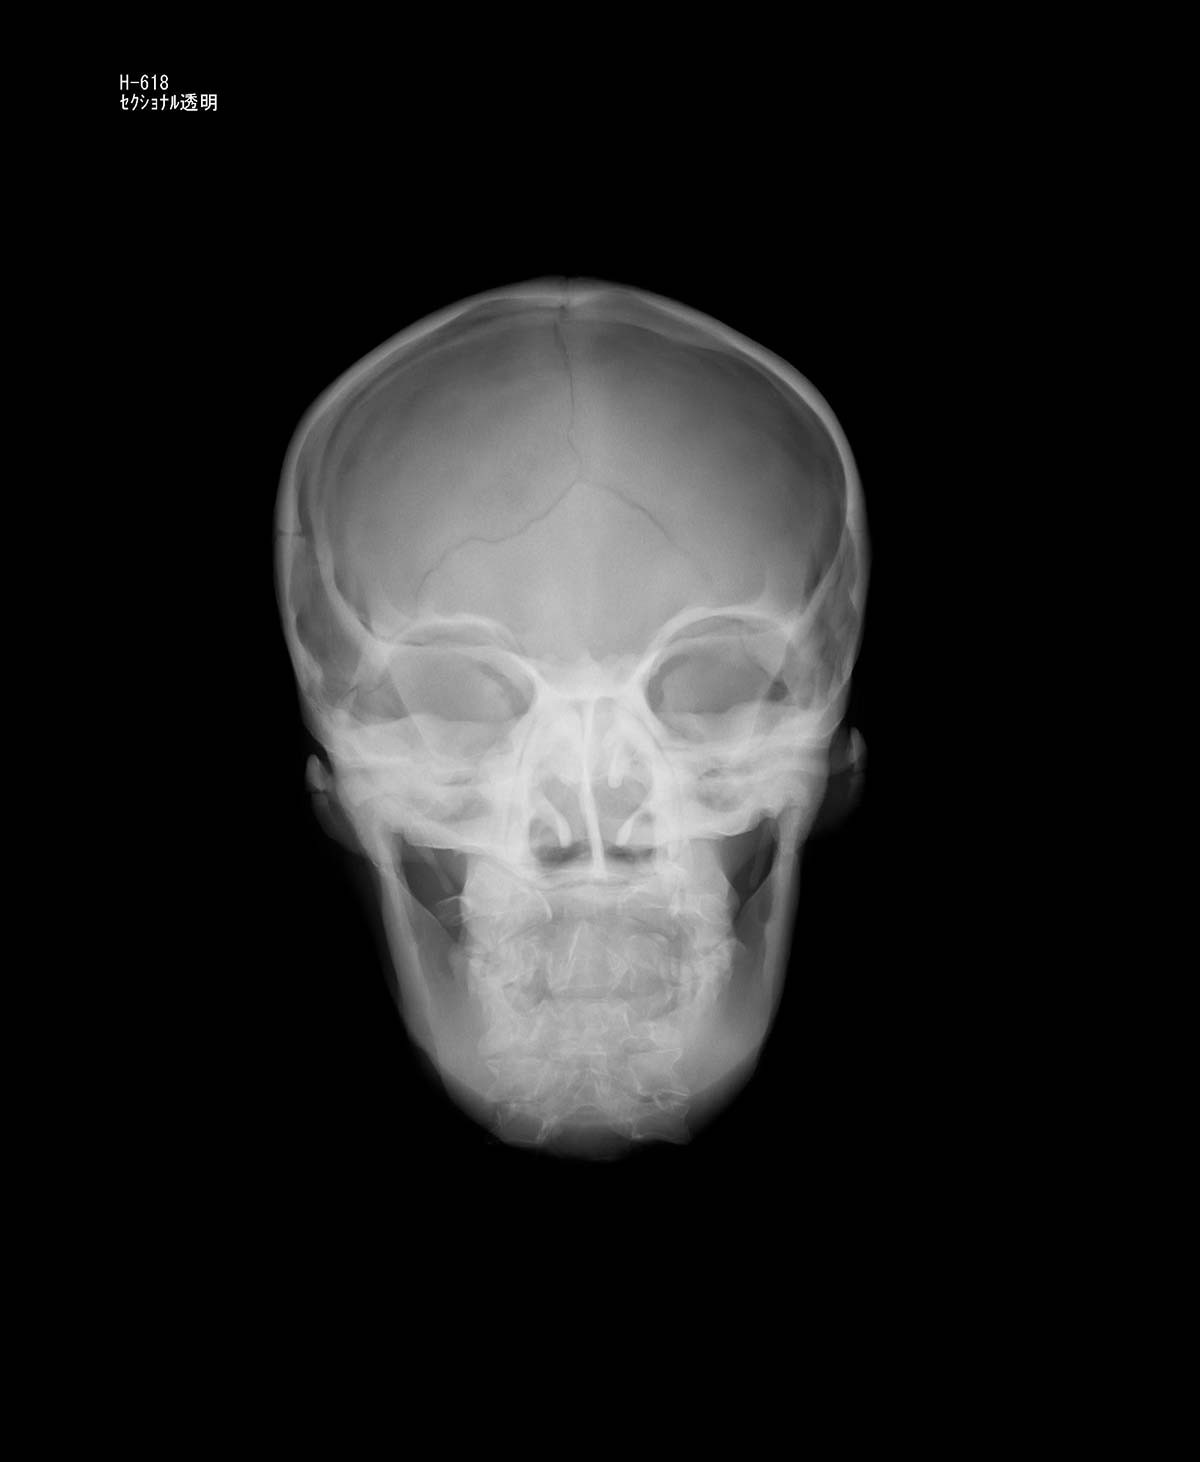 Röntgen-Teilphantom mit künstlichen Knochen - Kopfphantom, opak 1